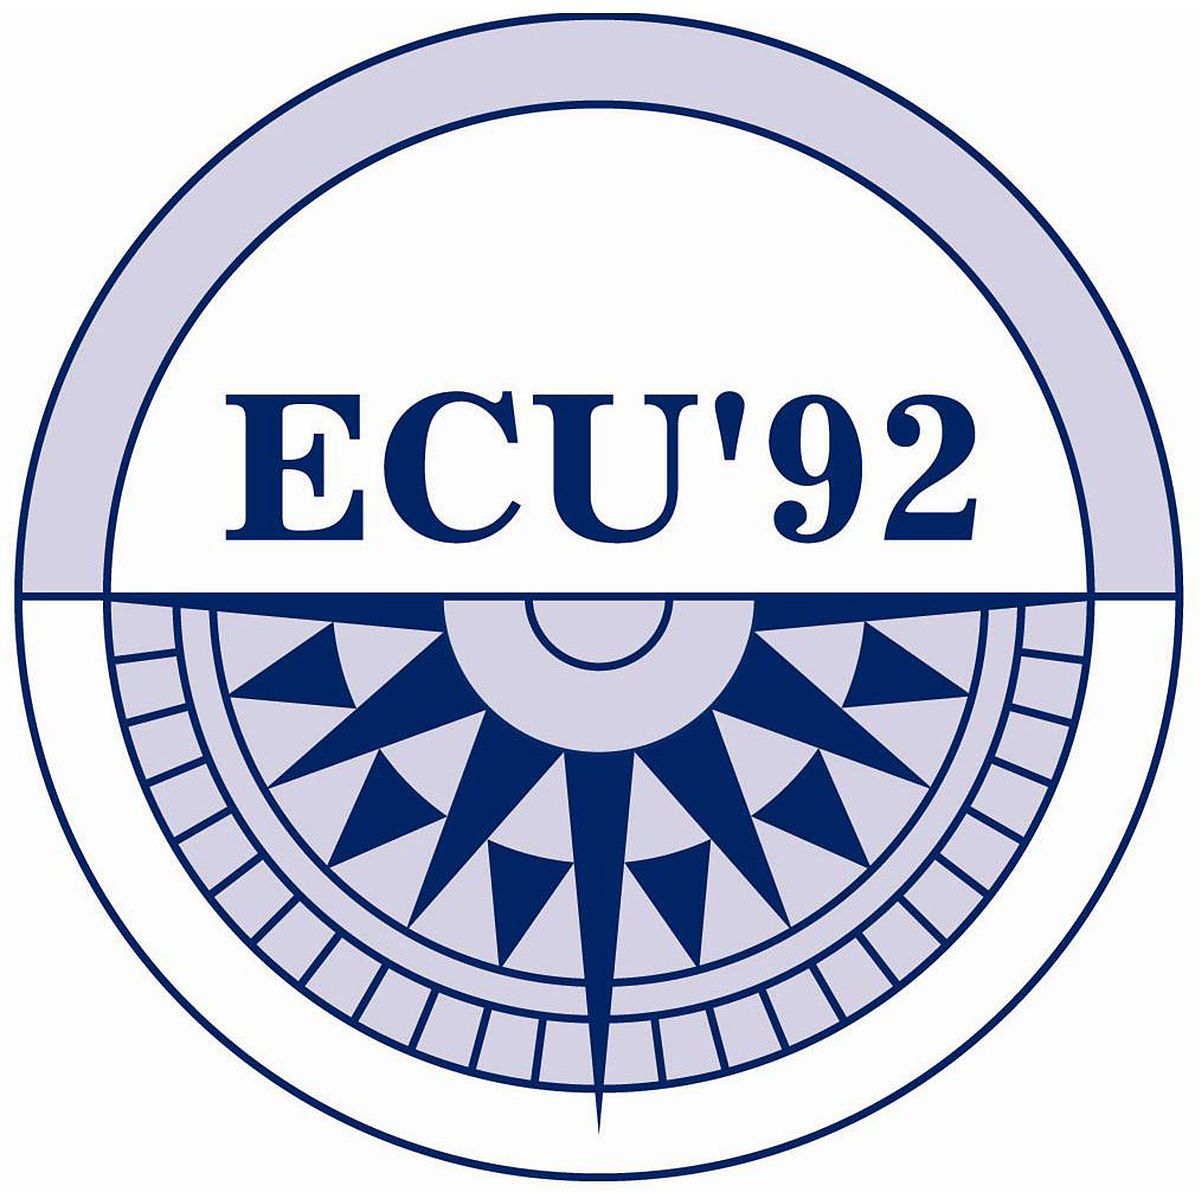 Ecu U0026 39 92